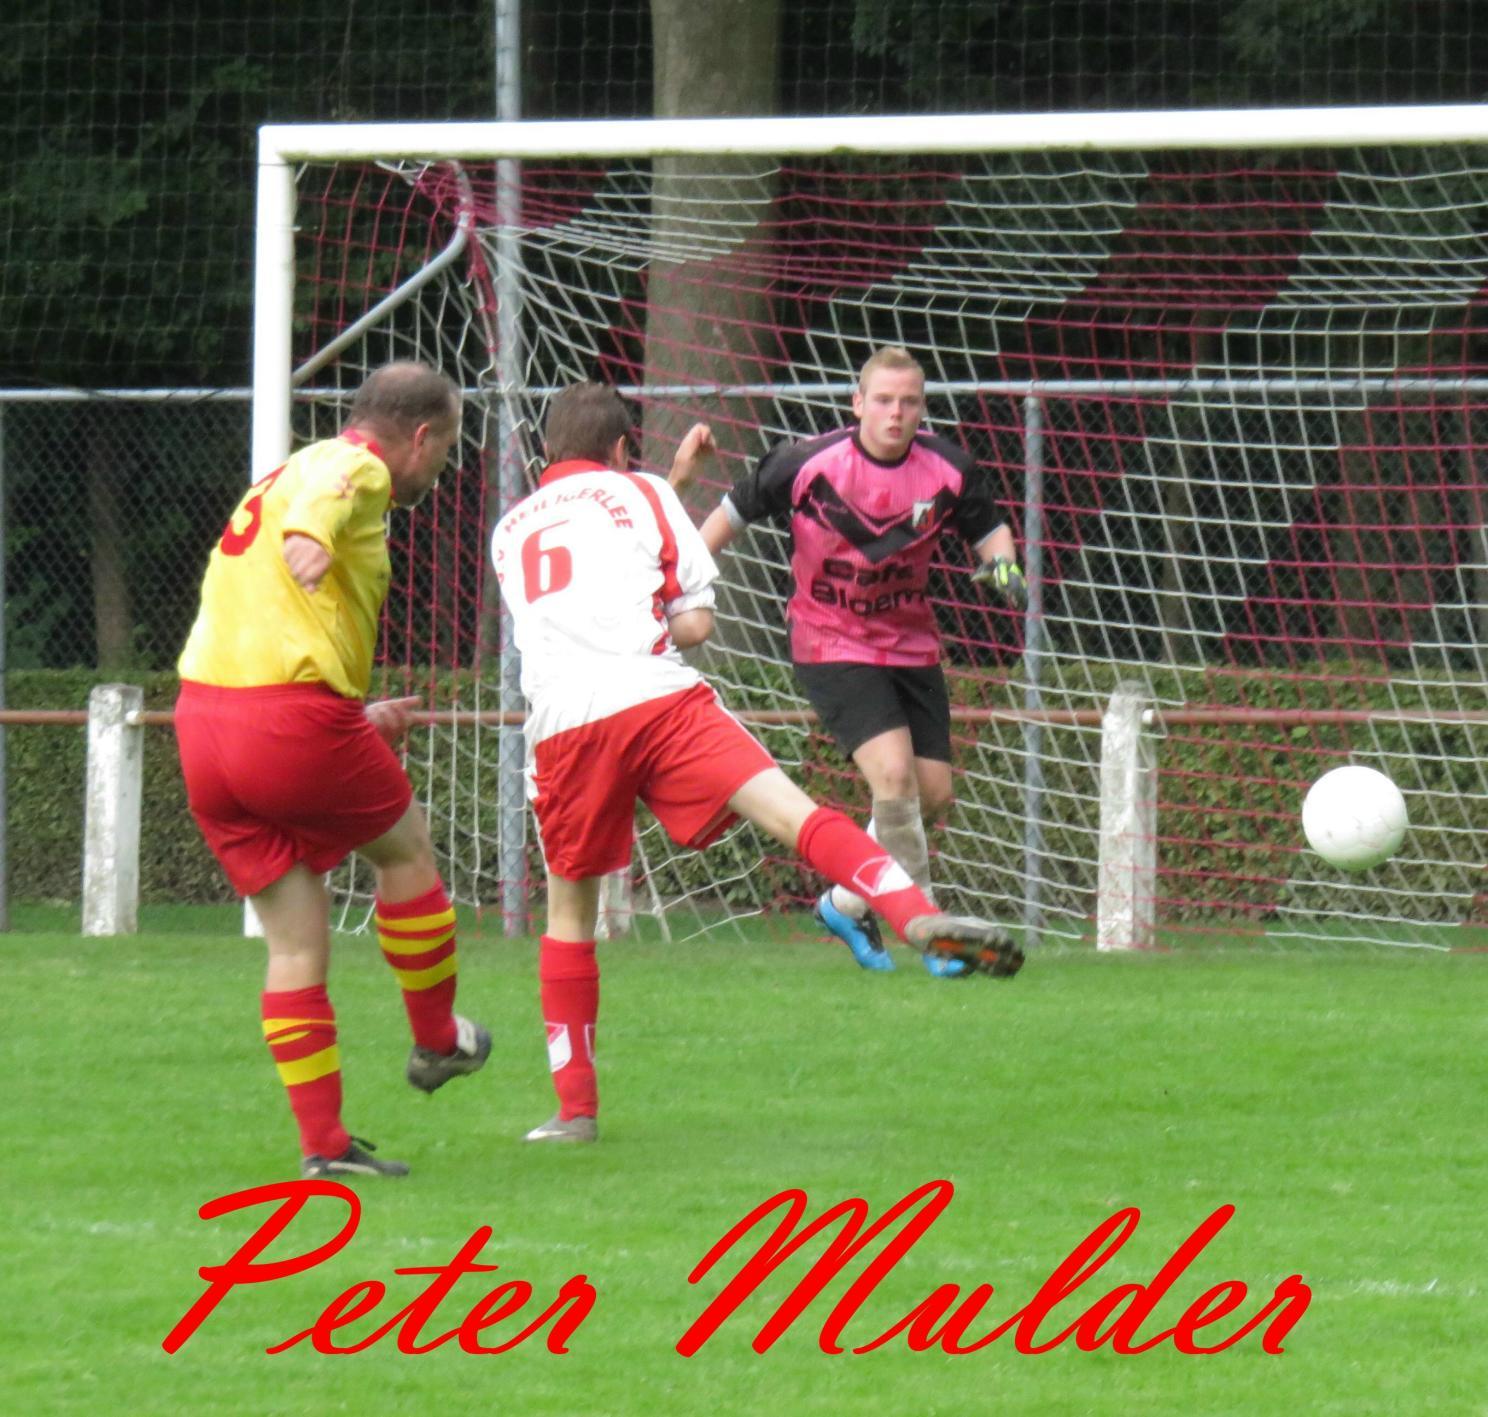 Peter-Mulder